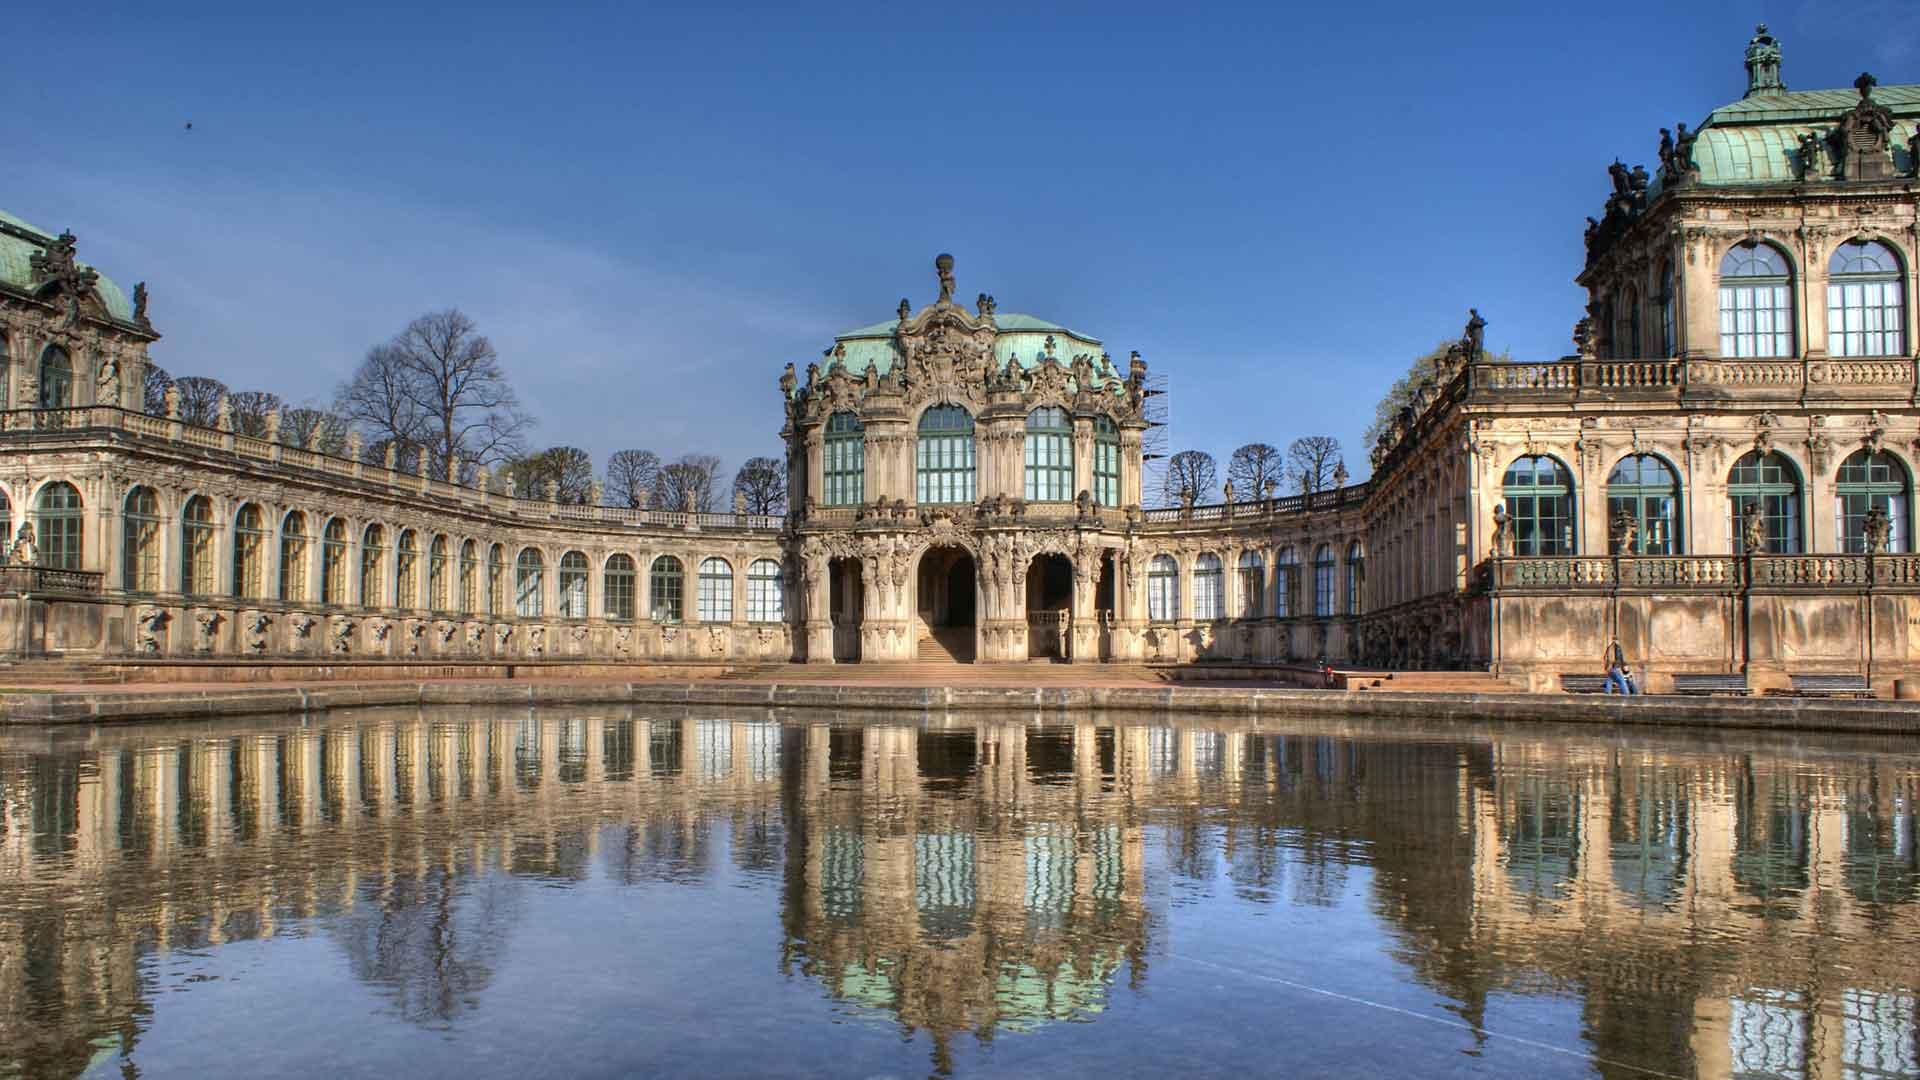 Een meesterstuk van barokke architectuur: de Zwinger in Dresden